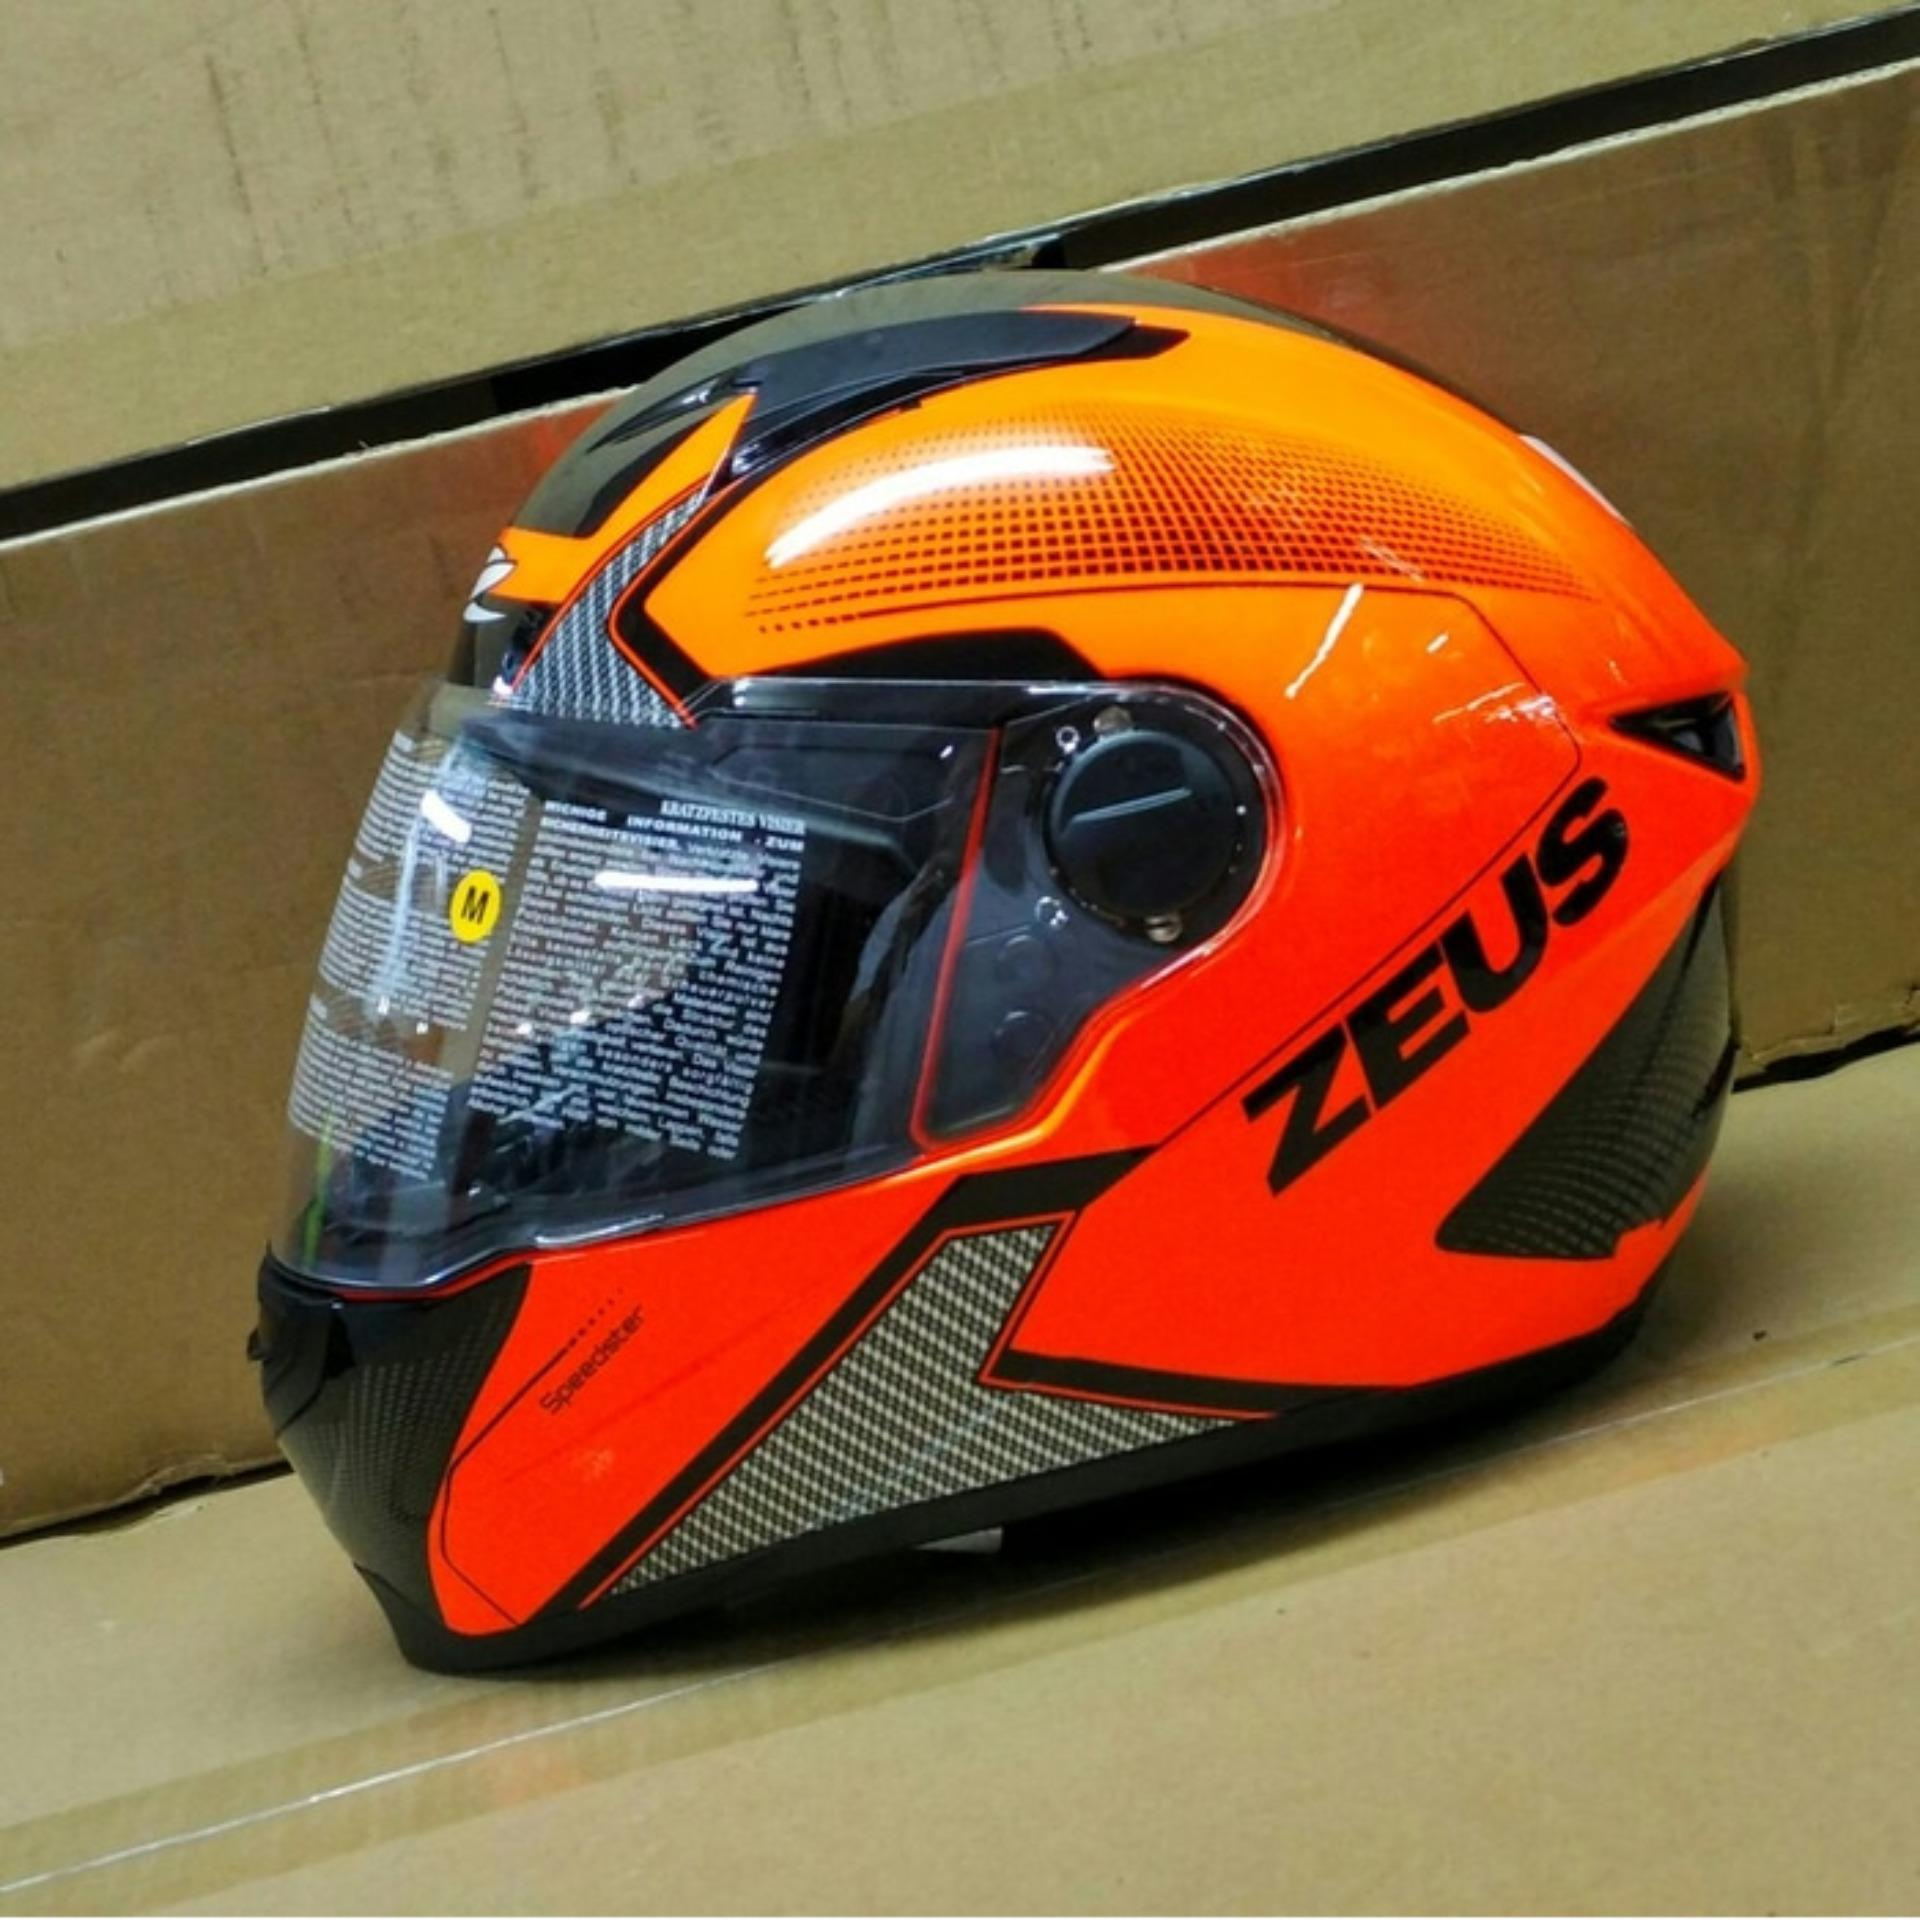 Informasi Harga Helm Zeus Z811 Termurah 2018 Murah Berkualitas Zs811 Black Al12 Red Al6 Neon Orange Full Face Free Dark Visor